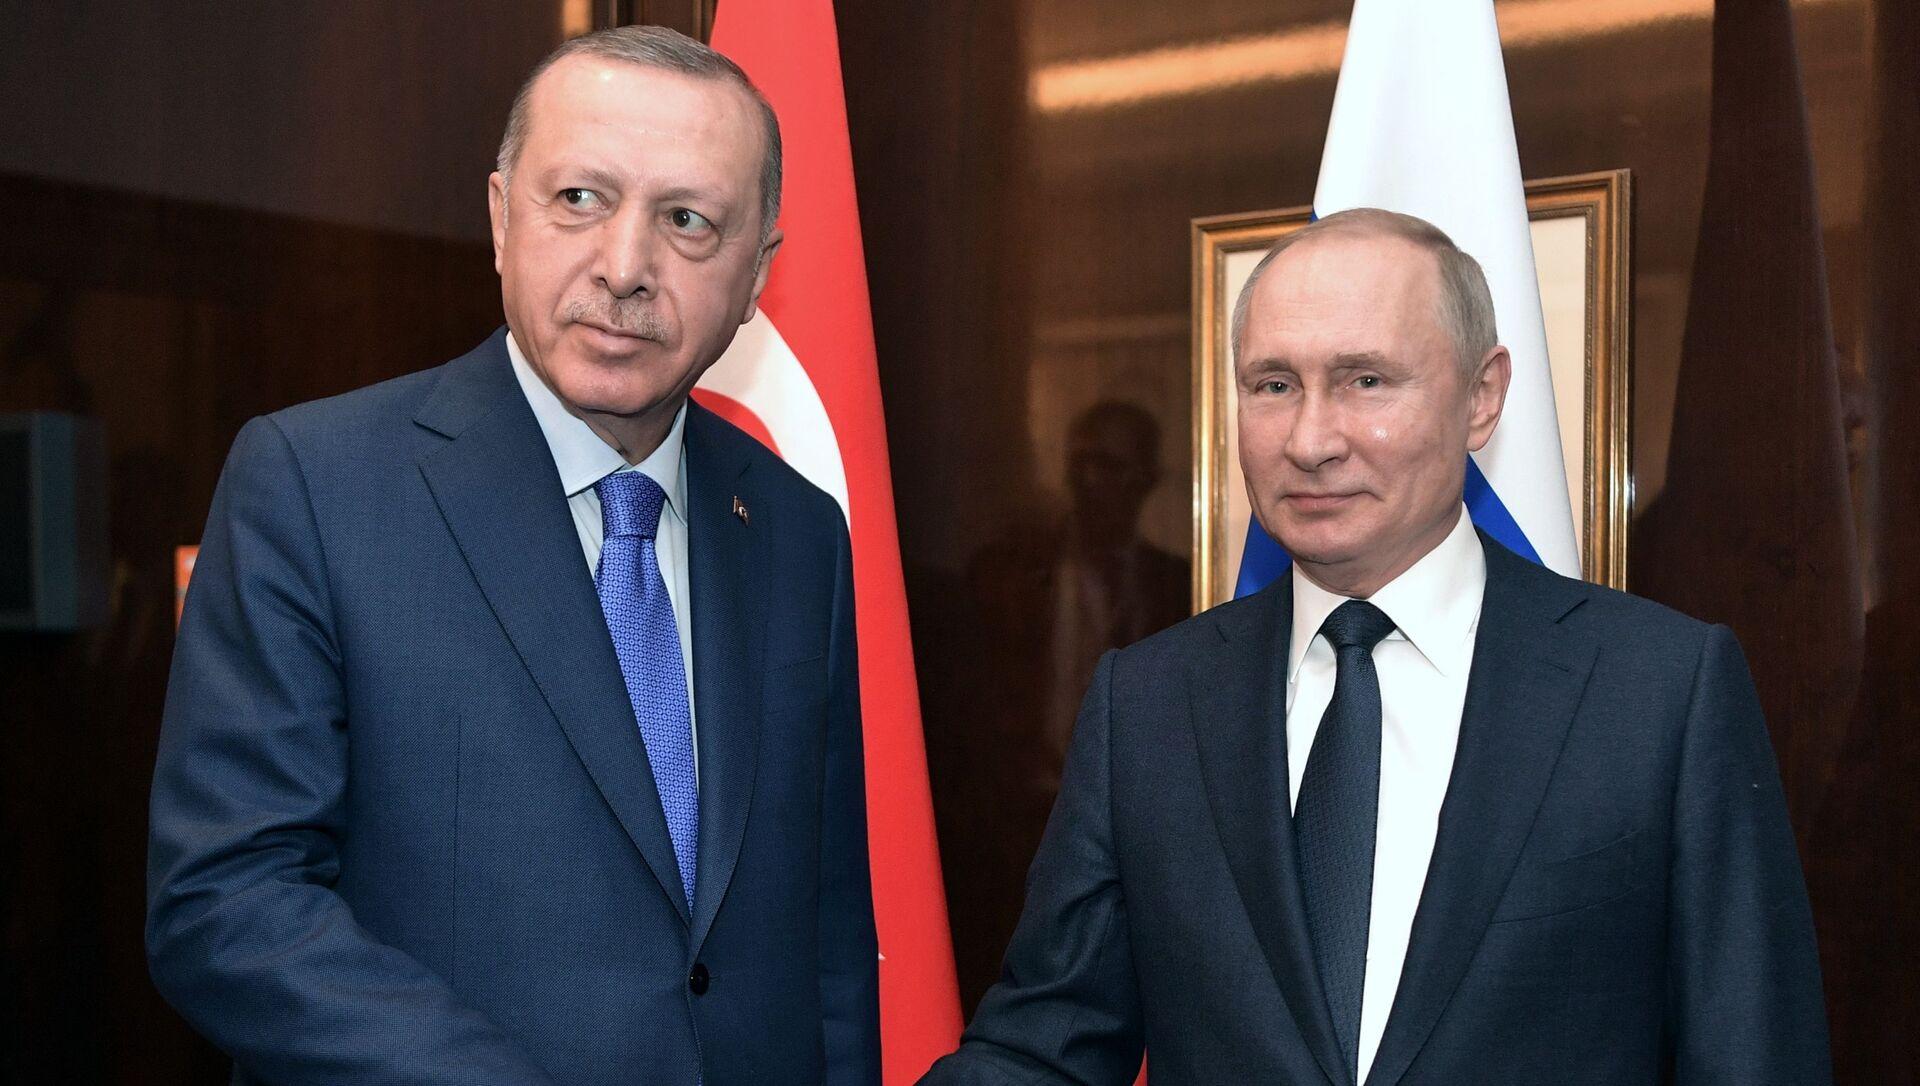 Поездка президента РФ В. Путина в Берлин для участия в Международной конференции по Ливии - Sputnik Аҧсны, 1920, 27.09.2021